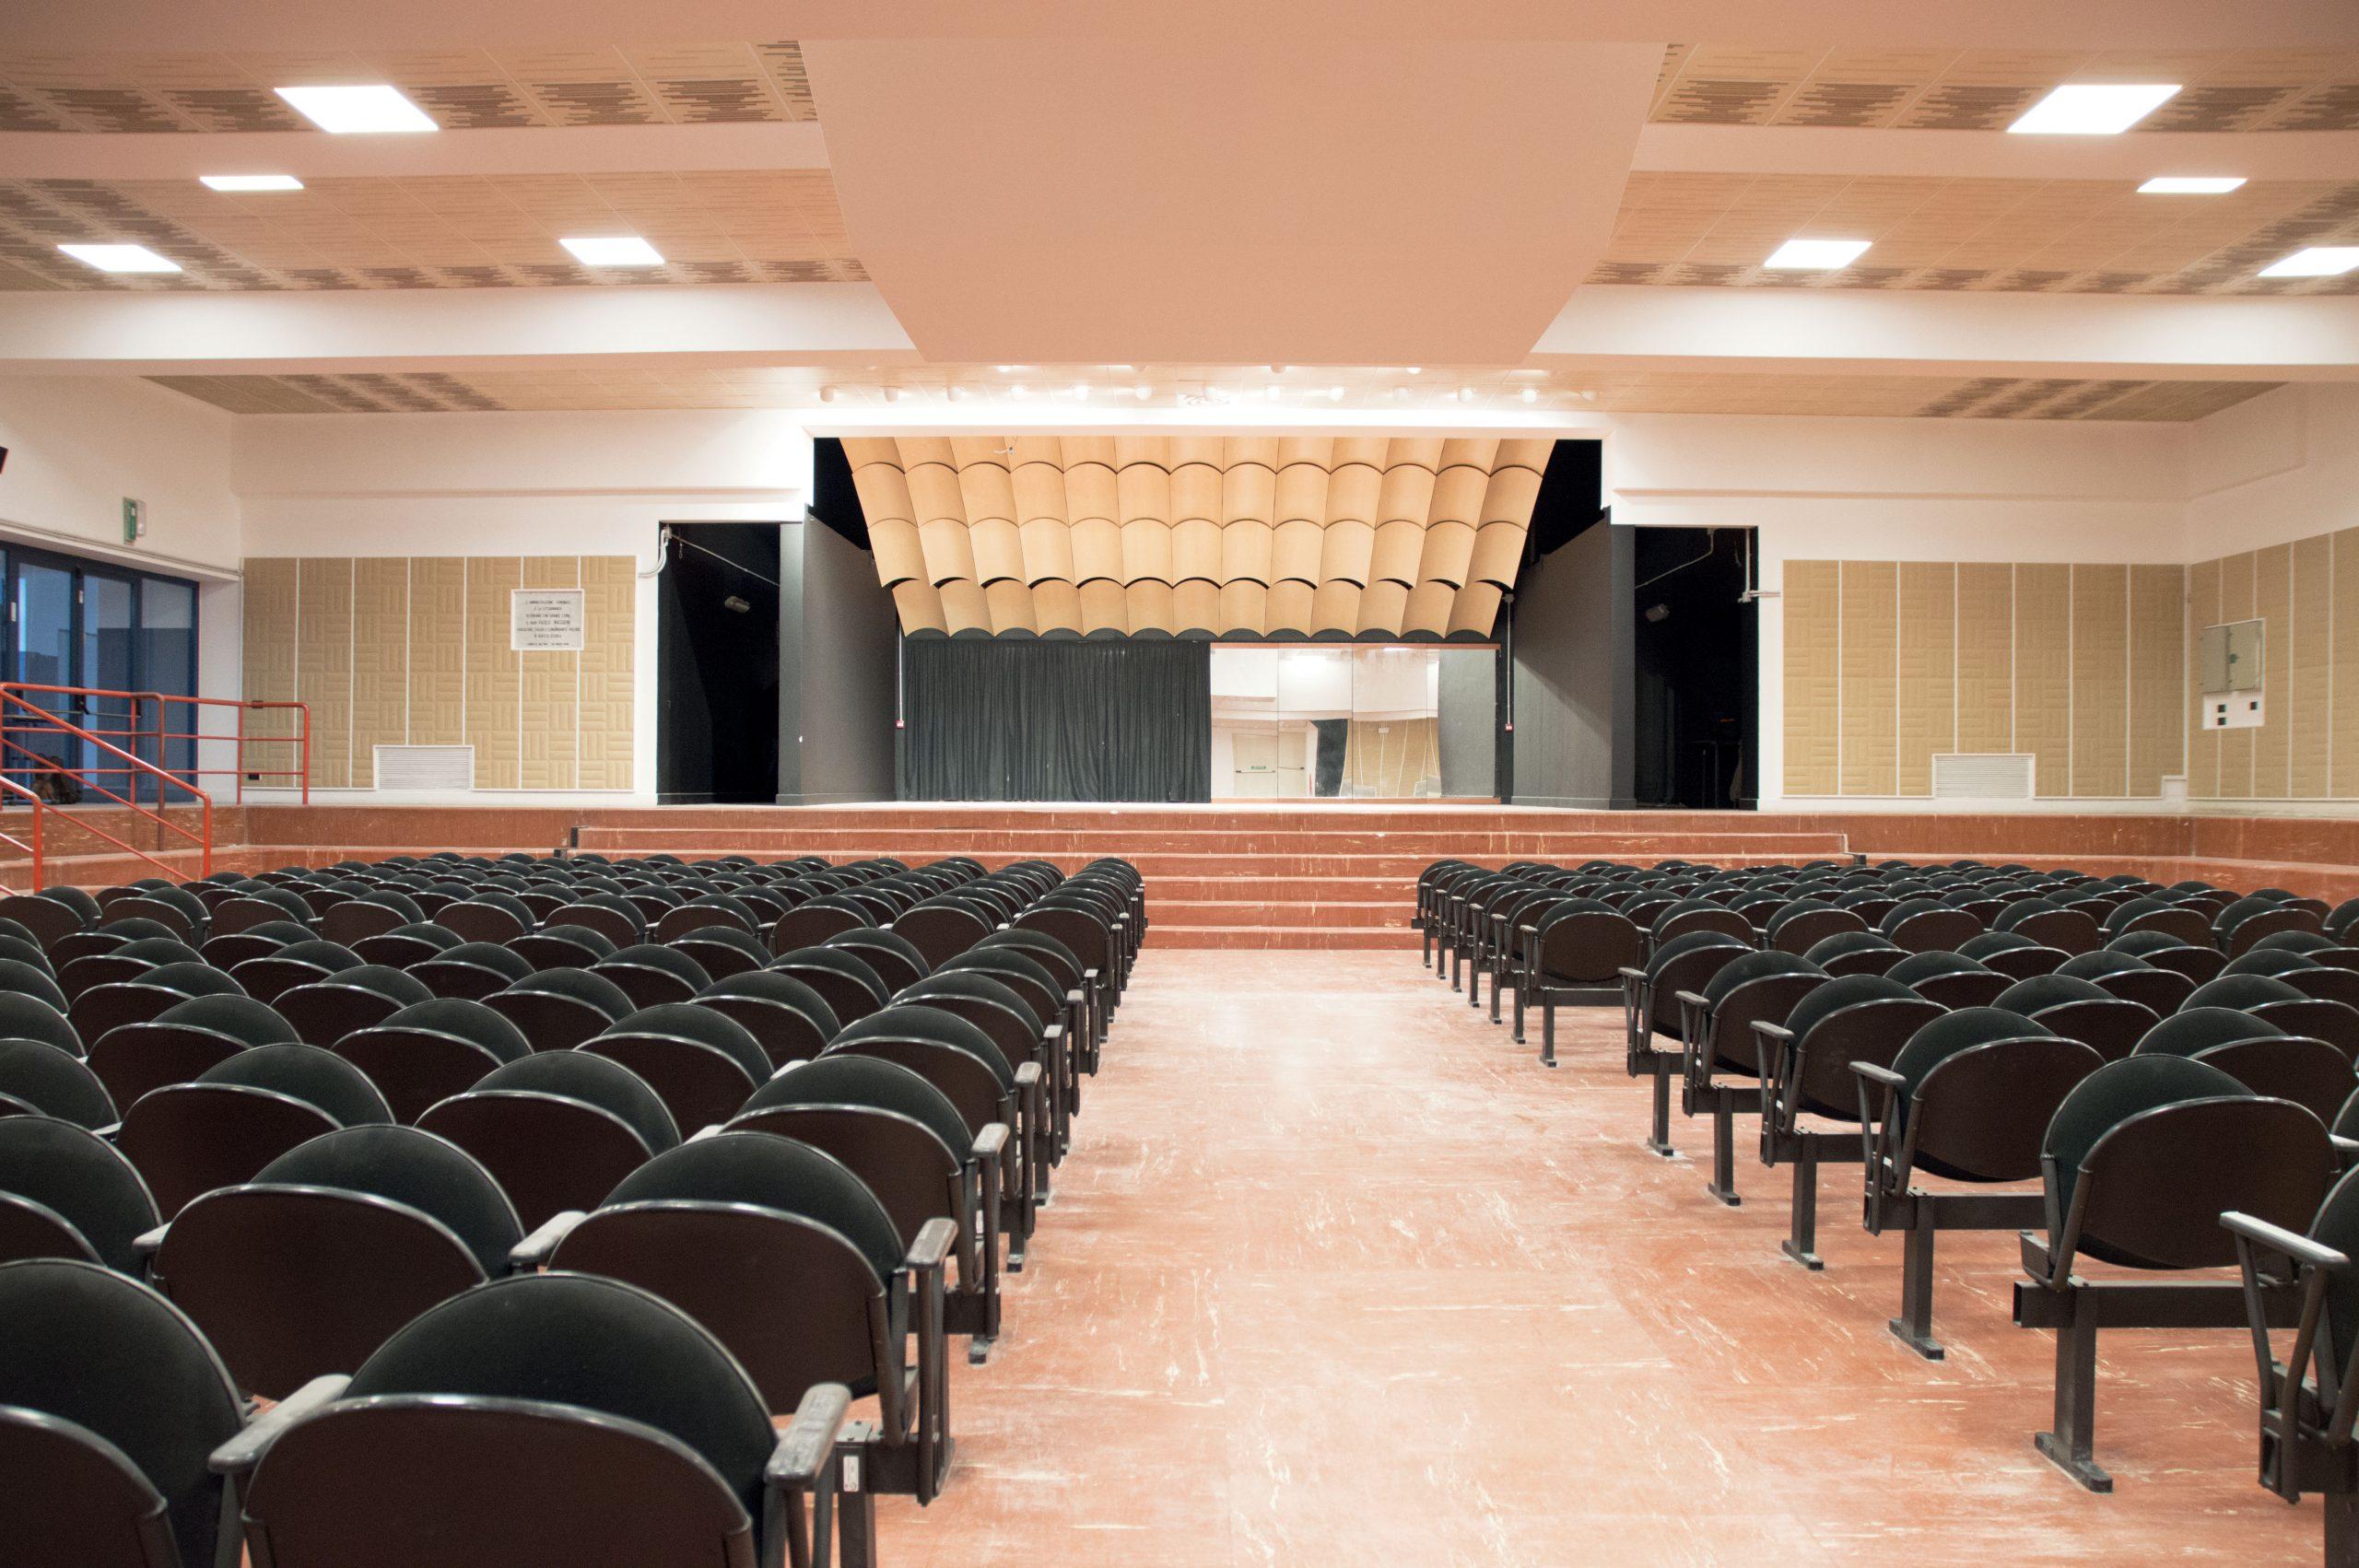 Auditorium Paolo Maggioni: un trattamento acustico per 'far suonare' la musica d'orchestra